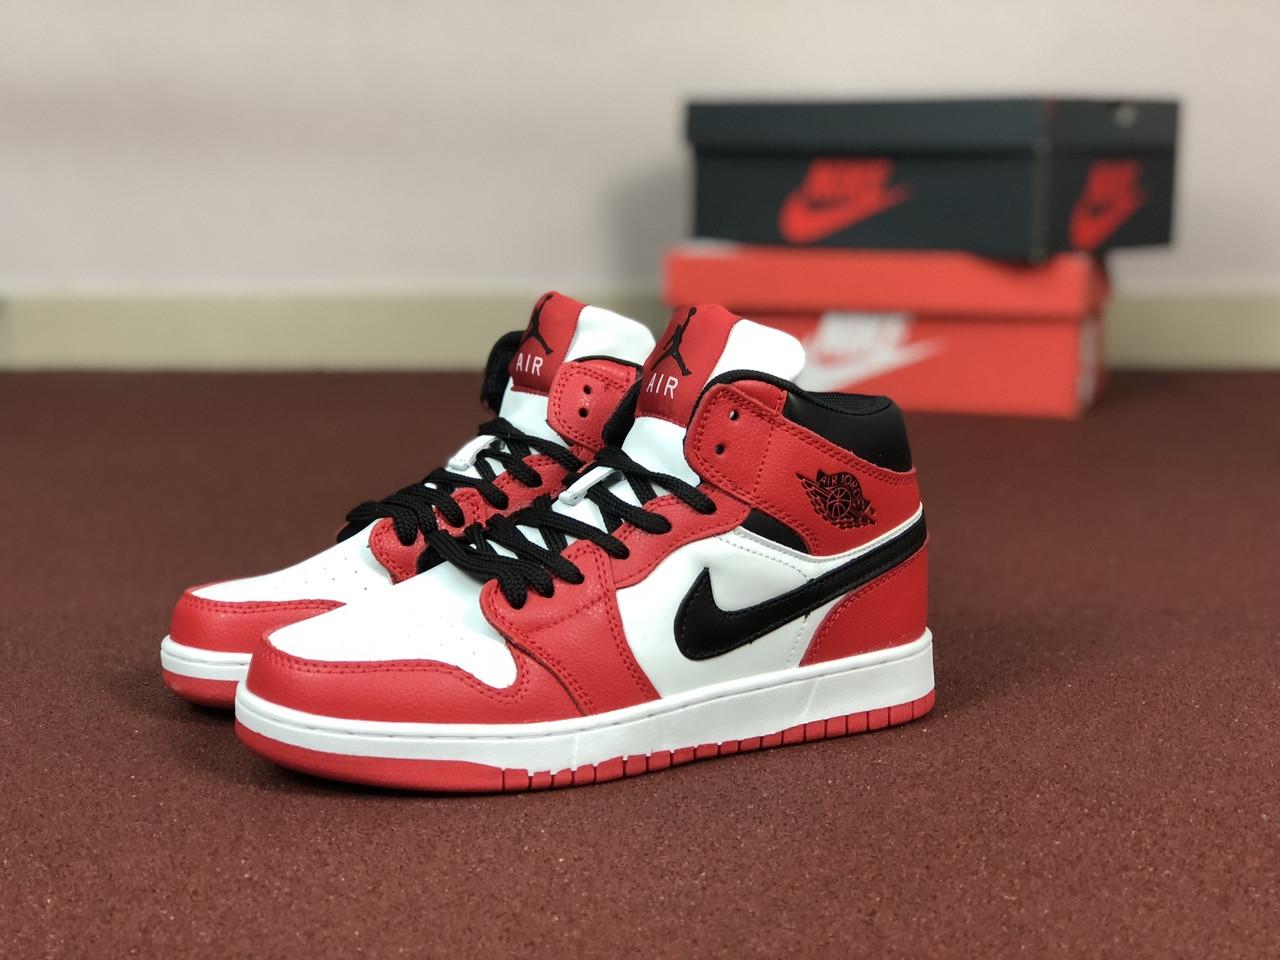 Кроссовки женский Nike Air Jordan 1 Retro. ТОП КАЧЕСТВО!!! Реплика класса люкс (ААА+)